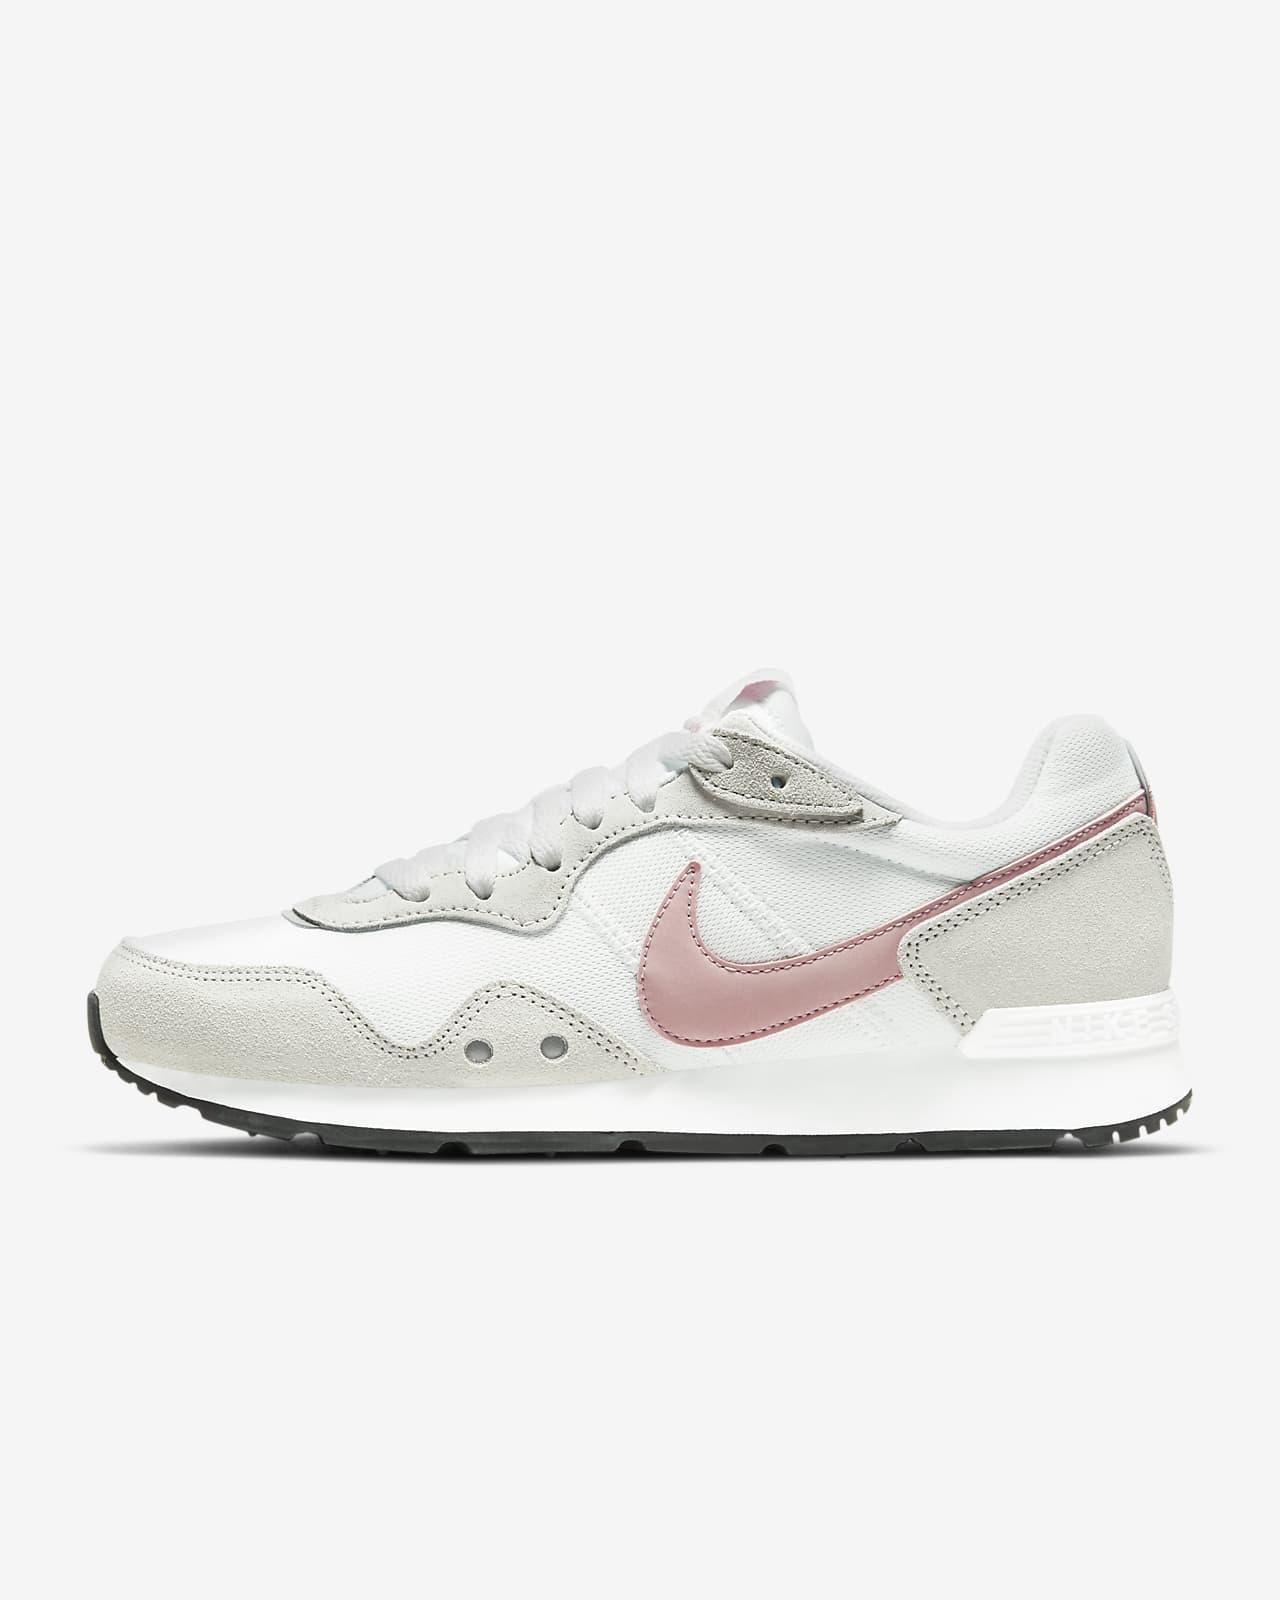 Sko Nike Venture Runner för kvinnor